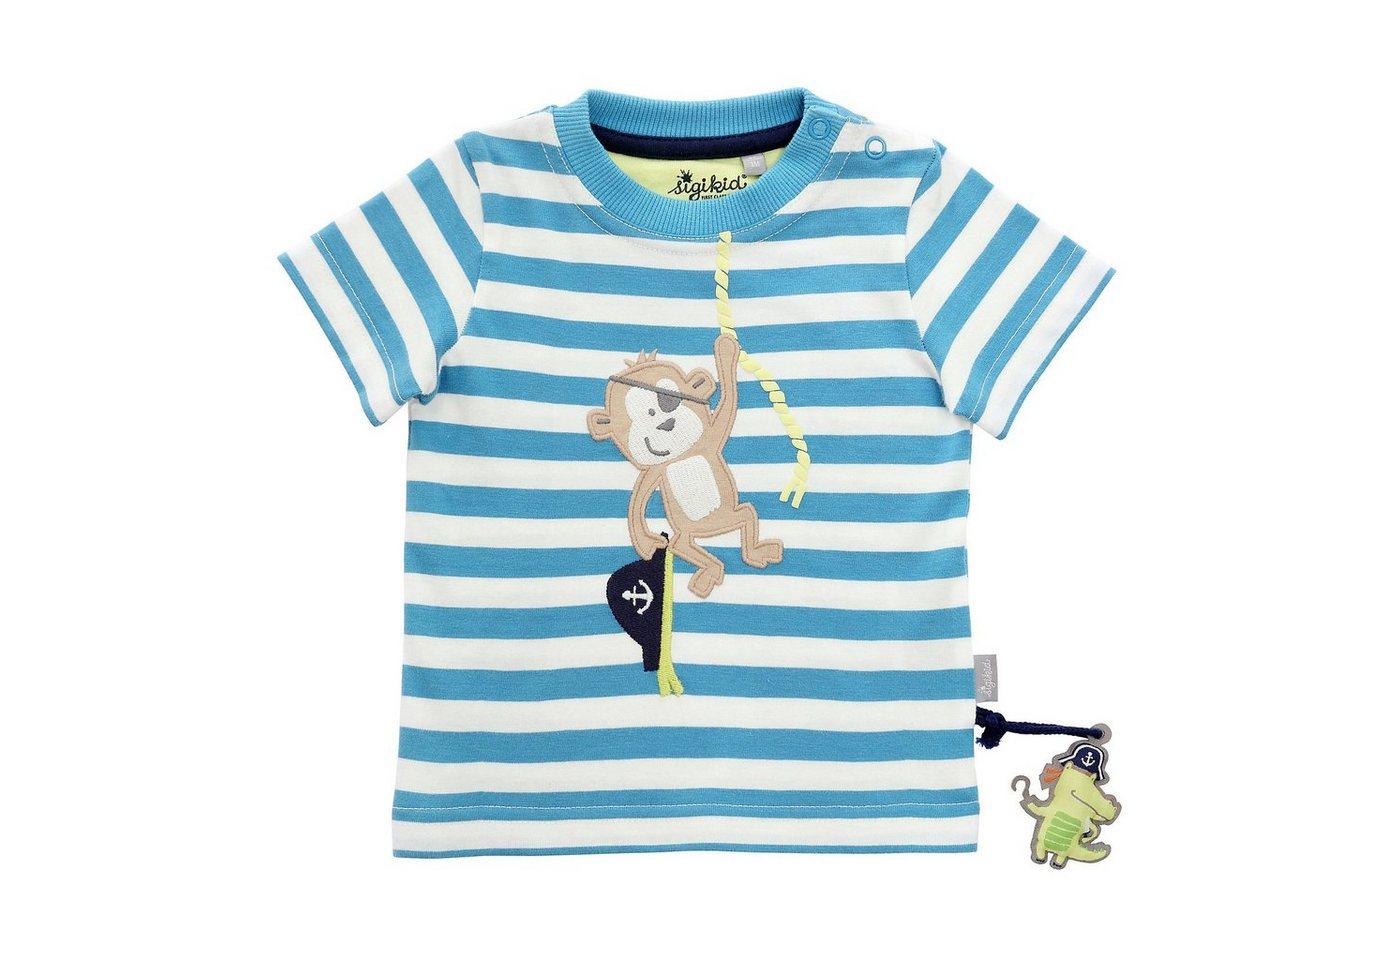 Baby,  Kinder,  Jungen,  Kinder,  Unisex Sigikid Baby T-Shirt für Jungen blau, gelb, grau, weiß | 04045646129926